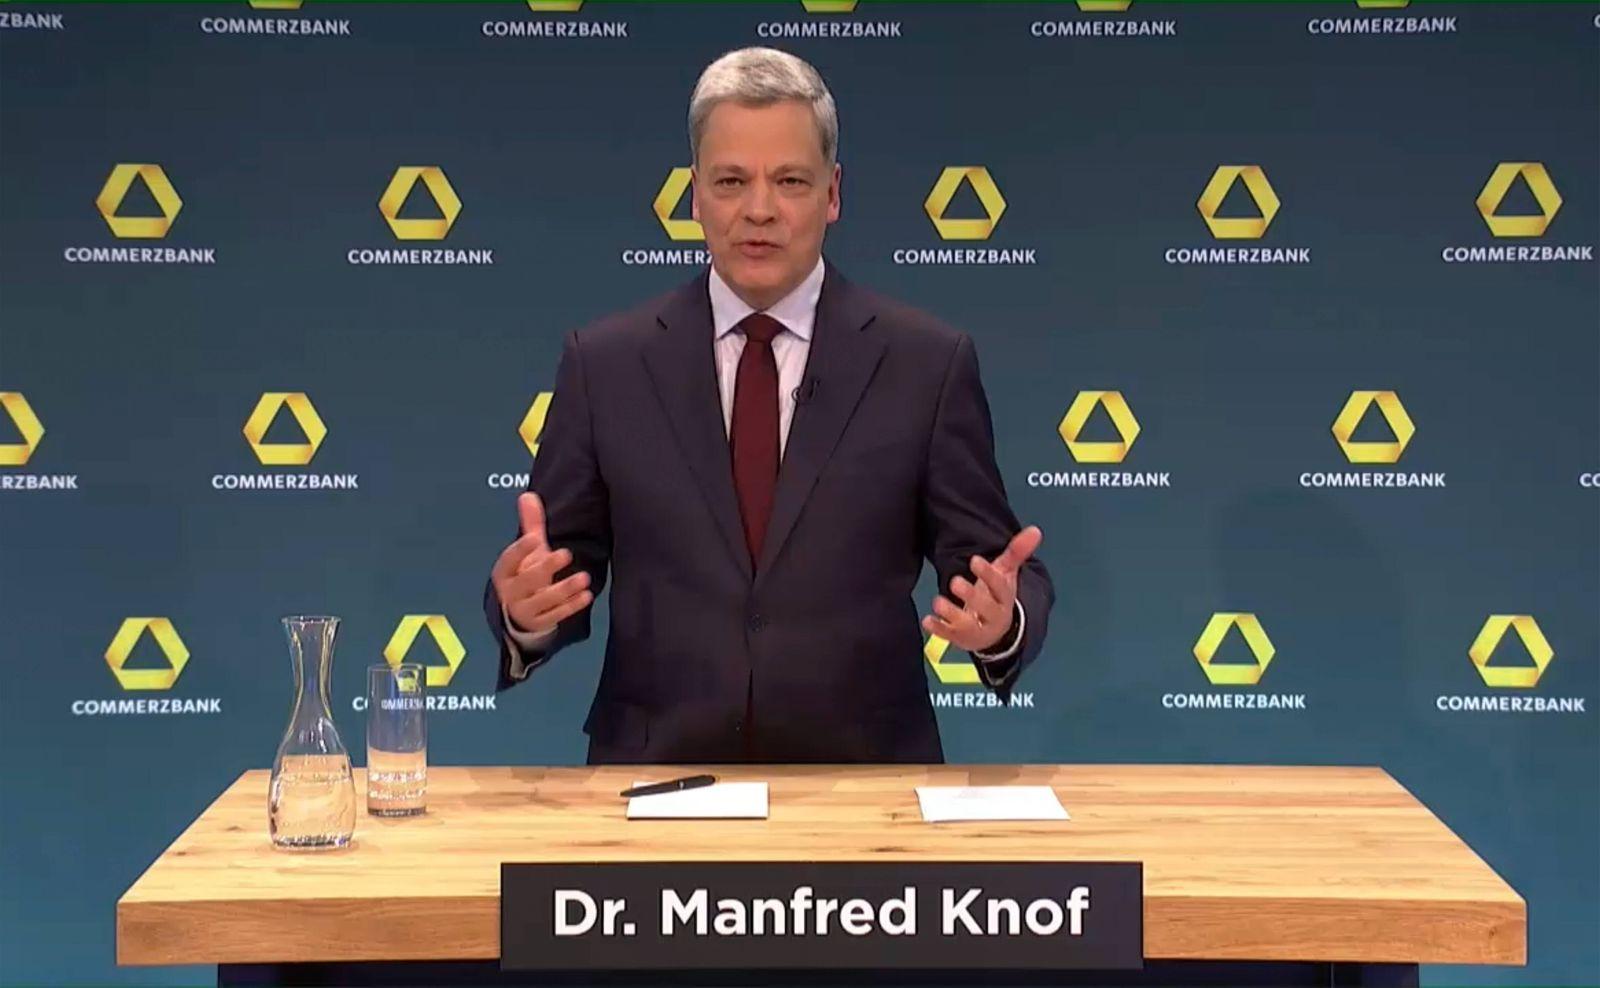 Deutschland, Frankfurt, 11.02.2021 Jahrespressekonferenz der Commerzbank AG Foto: Dr. Manfred Knof, Vorstandsvorsitzend